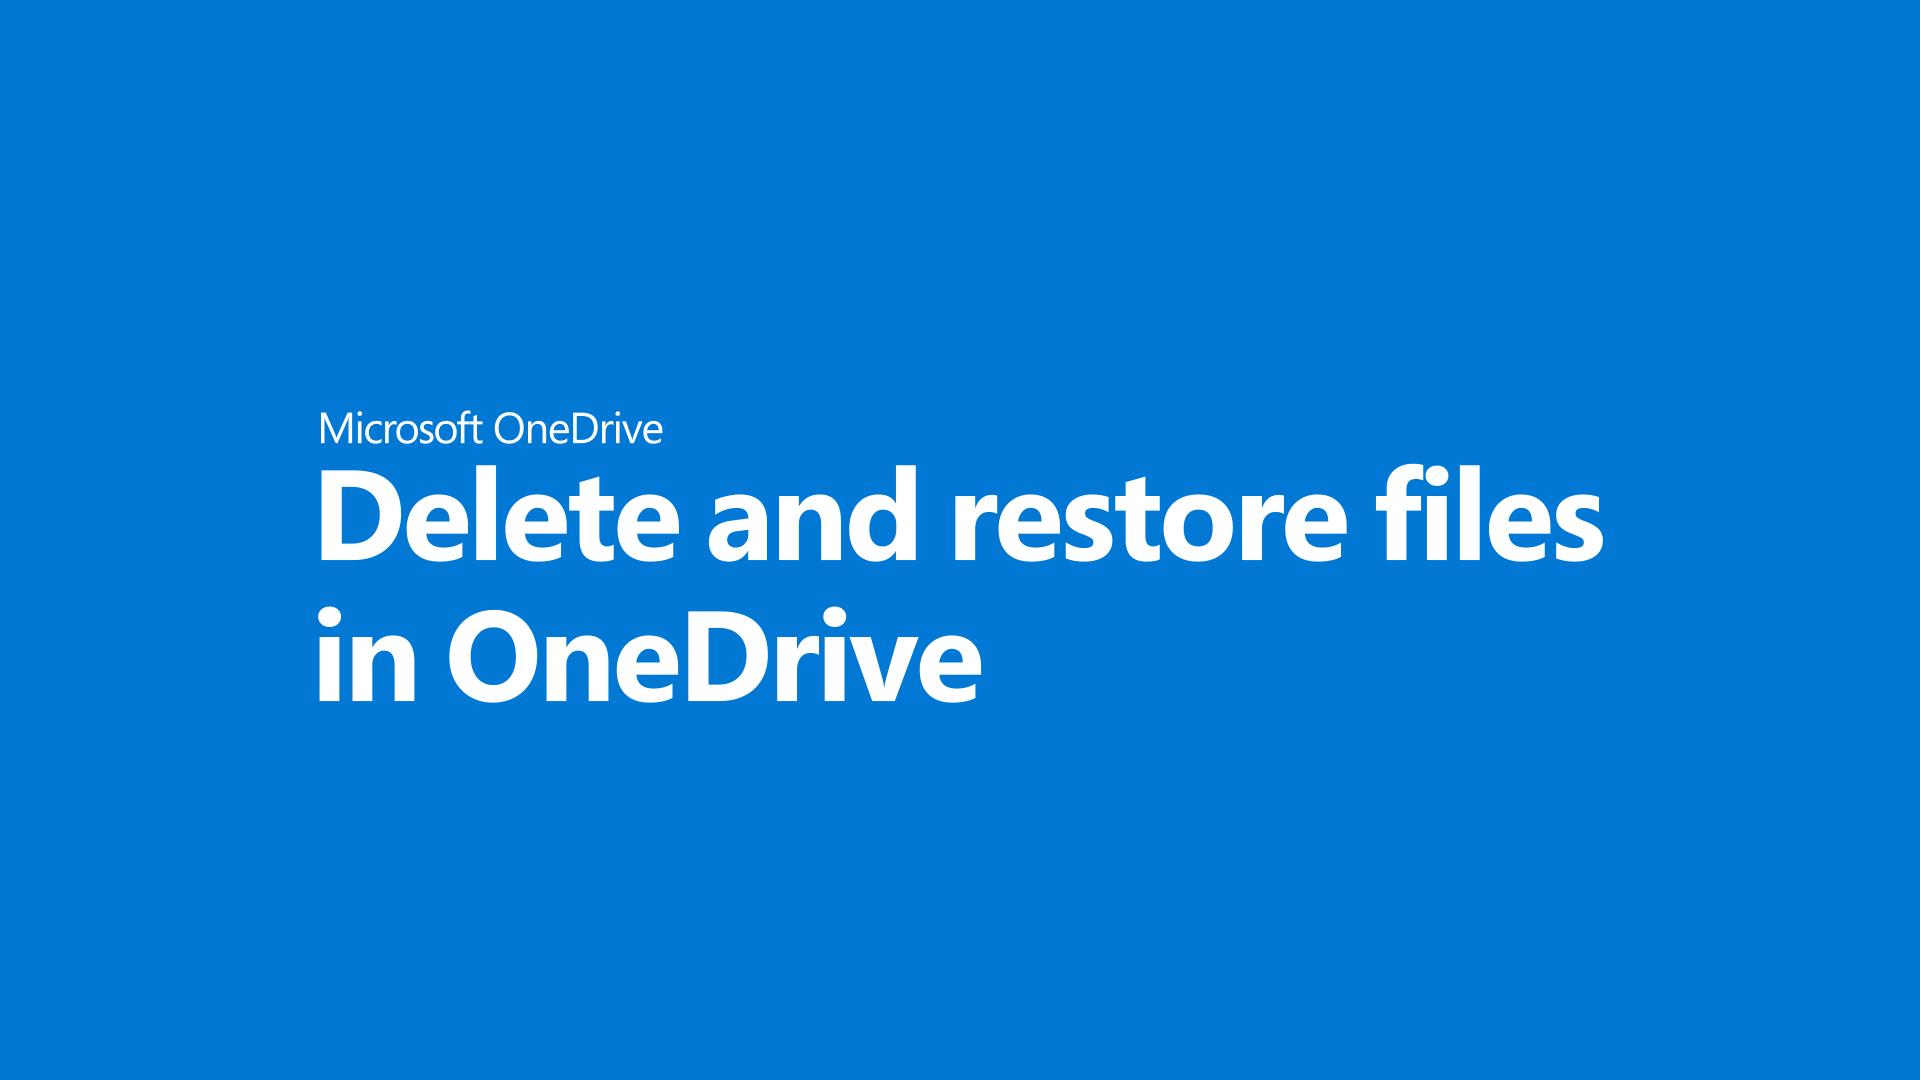 Delete and restore files in OneDrive